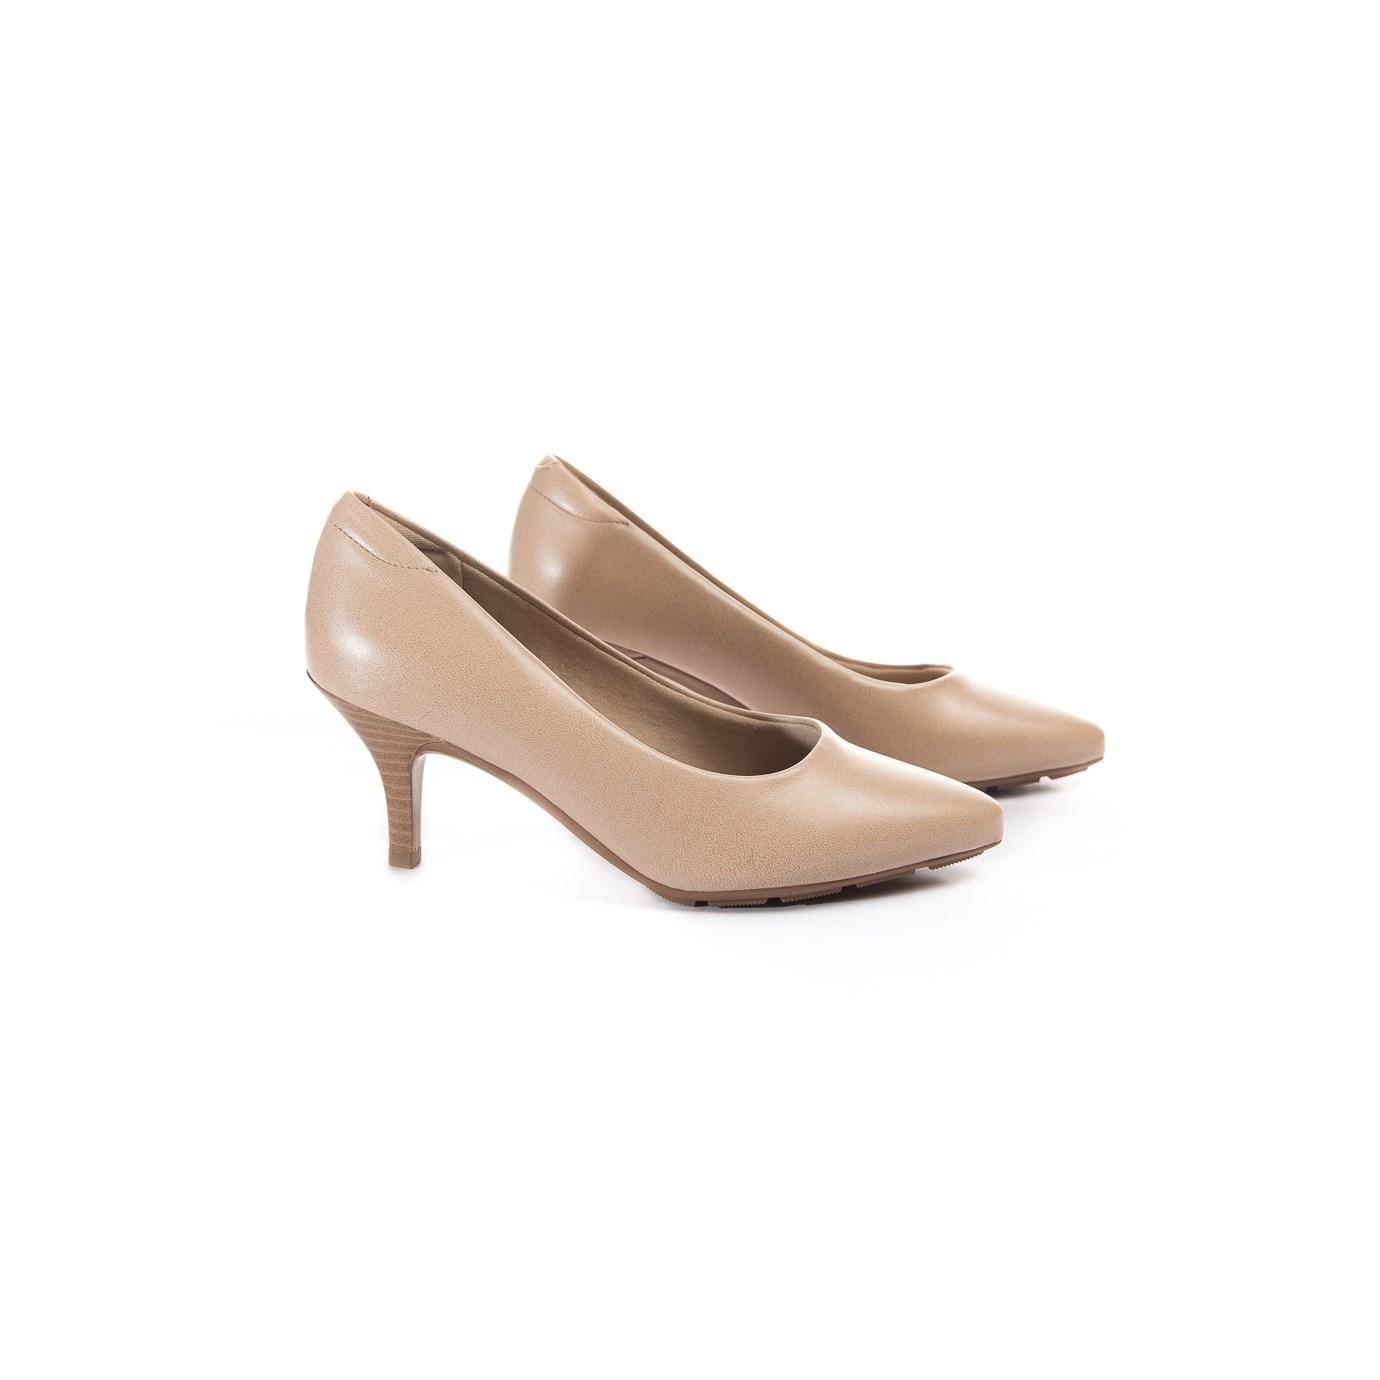 zapatos de separación 3343a 6c0b7 Zapato Stiletto Taco Medio Mujer Modare